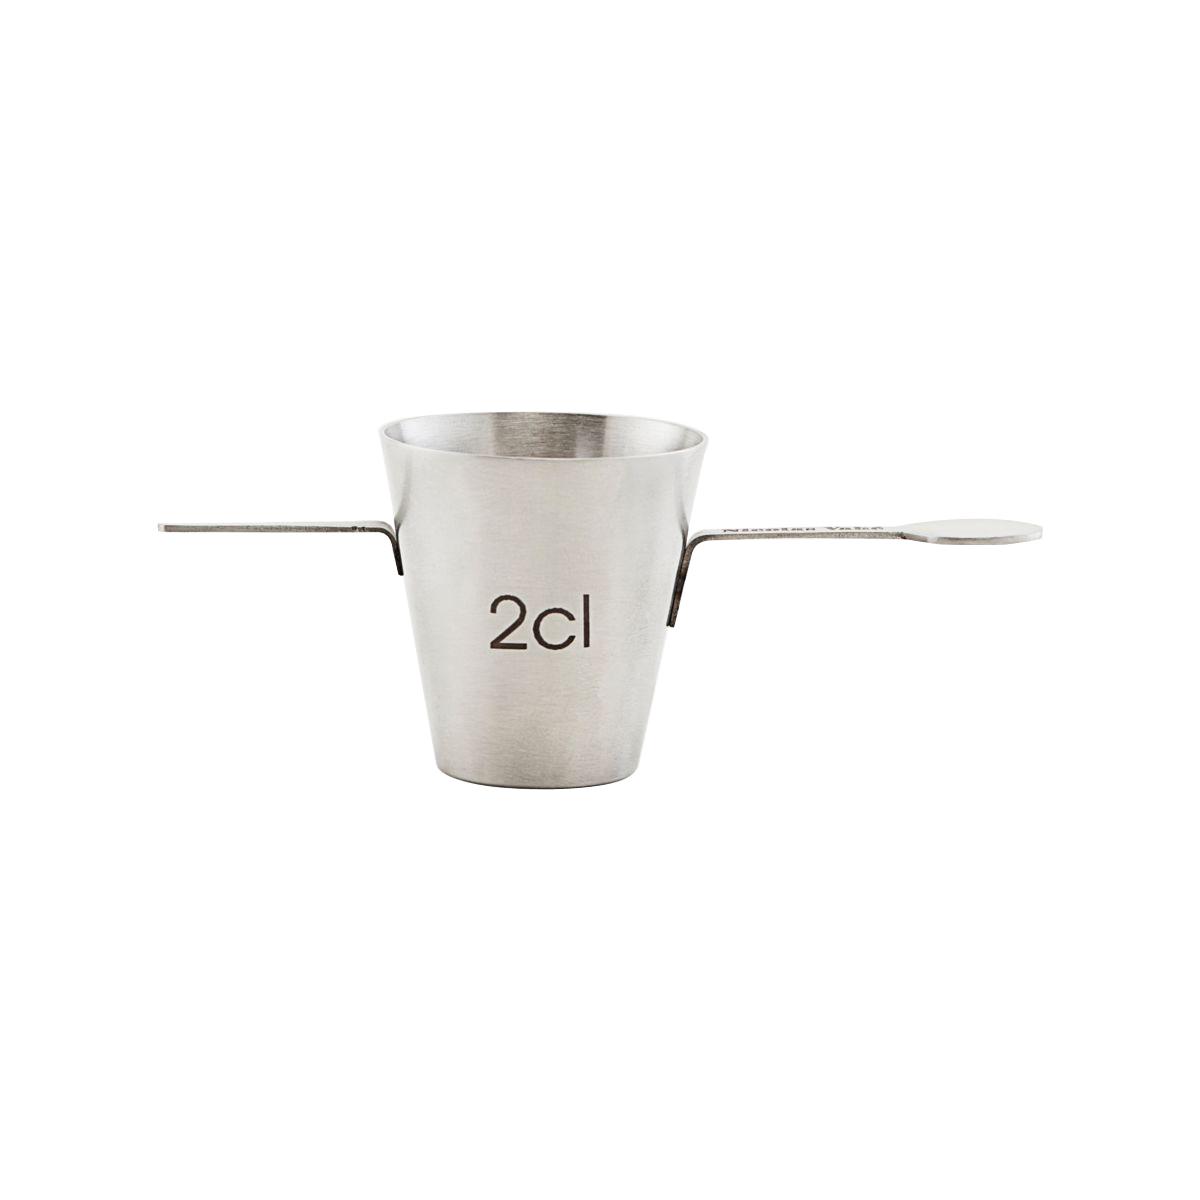 Nicolas Vahé - Measuring Cup - 2 cl (111290111)